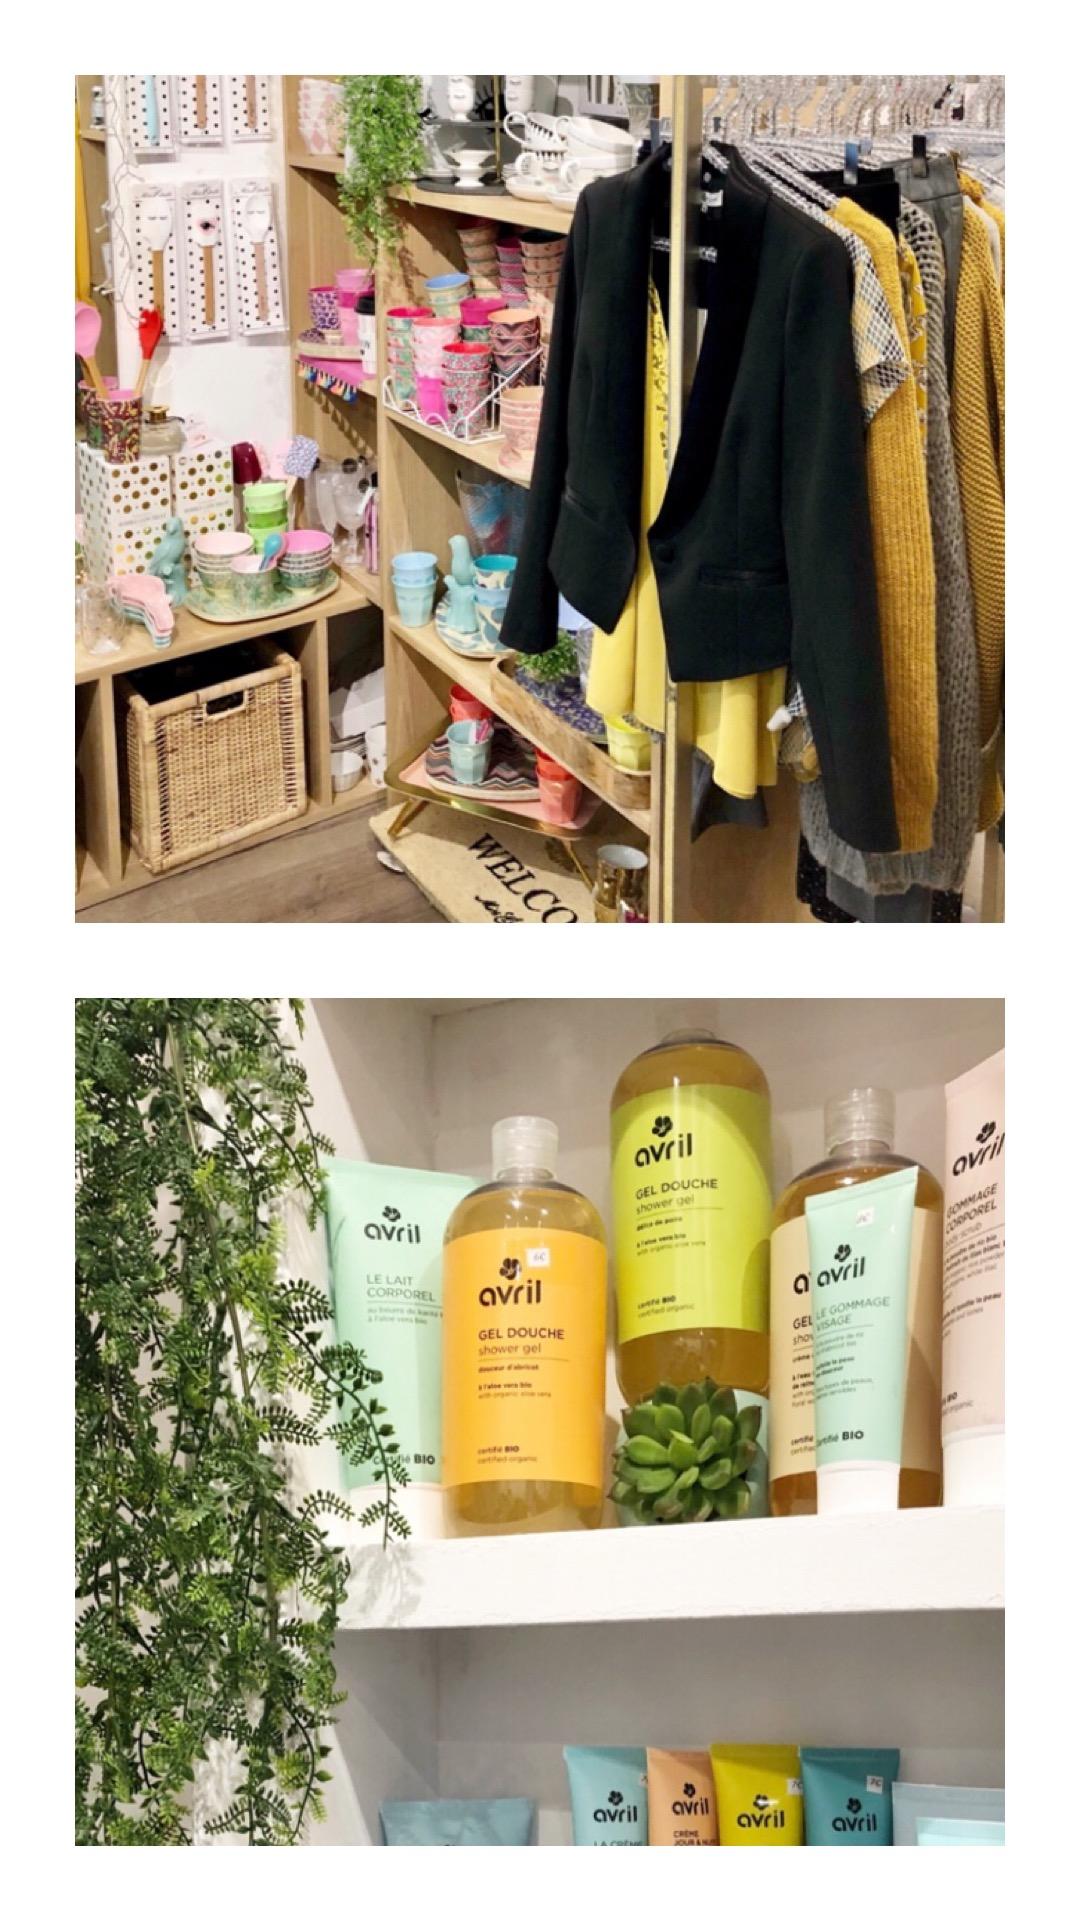 nos_boutiques_javotine_les_petits_javotins_8.jpg